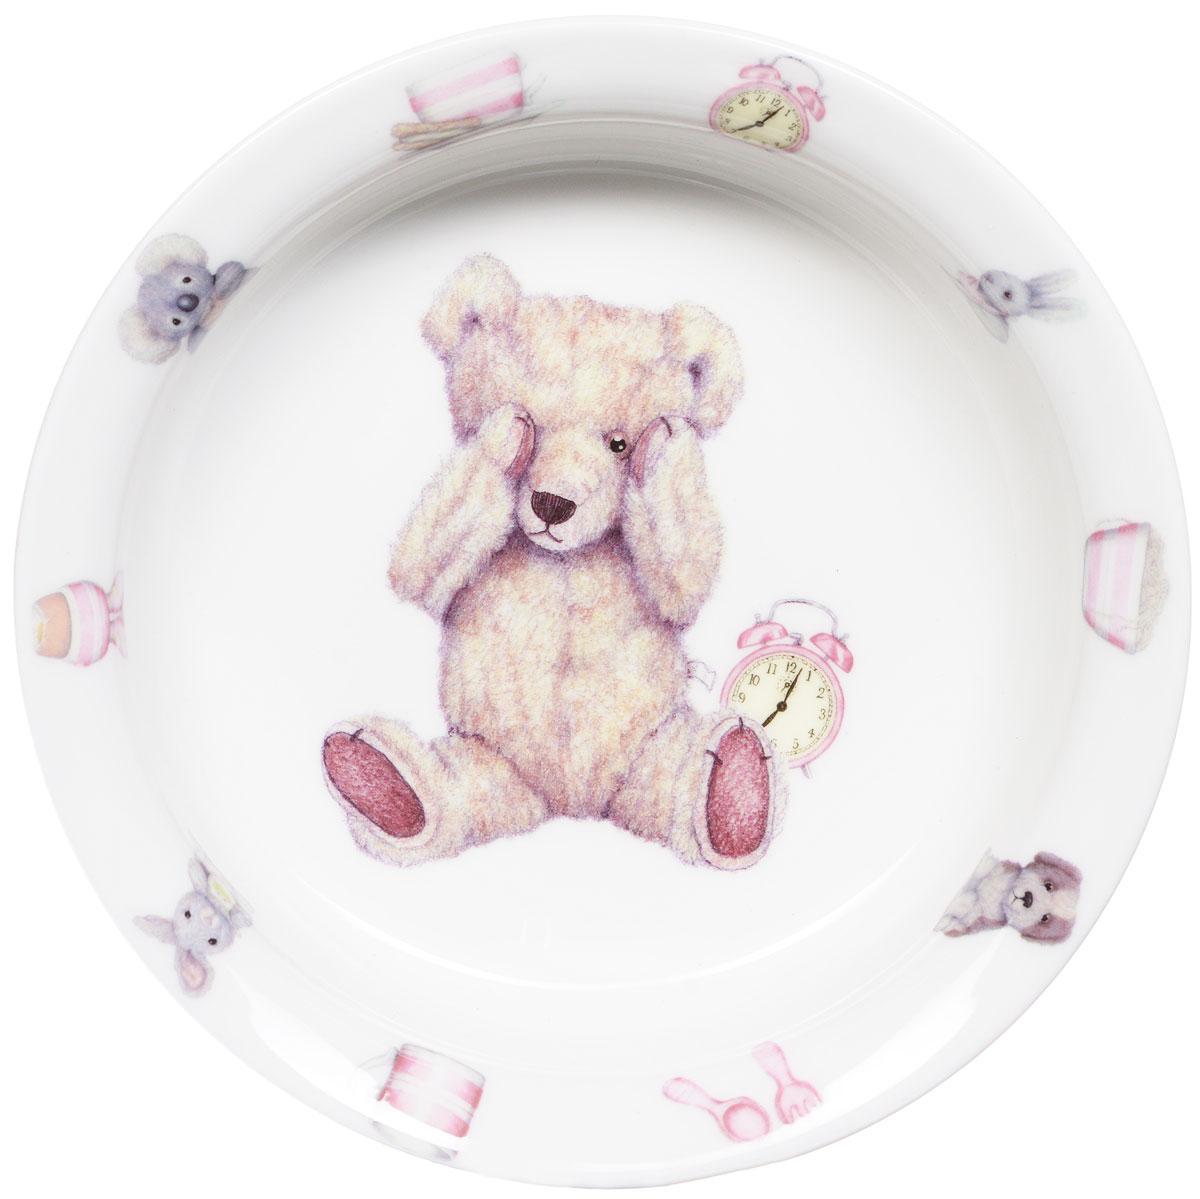 Roy Kirkham Миска Тедди тайм 15,5 см цвет розовый250093Фарфоровая миска Тедди тайм превратит процесс кормления вашего малыша в веселую игру. Очаровательный образ медвежонка Тедди - воплощение английской классики. В коллекции детской посуды и подарочных аксессуаров Тедди тайм английской компании Roy Kirkham, всемирно признанного бренда с более чем 40-летней историей, все предметы изготовлены из тонкостенного костяного фарфора - керамического материала высшего качества, отличающегося необыкновенной прочностью и небольшим весом. Ваш ребенок будет кушать с большим удовольствием, стараясь быстрее добраться до картинки с мишкой Тедди. Отвечает всем требованиям безопасности при контакте с пищей.